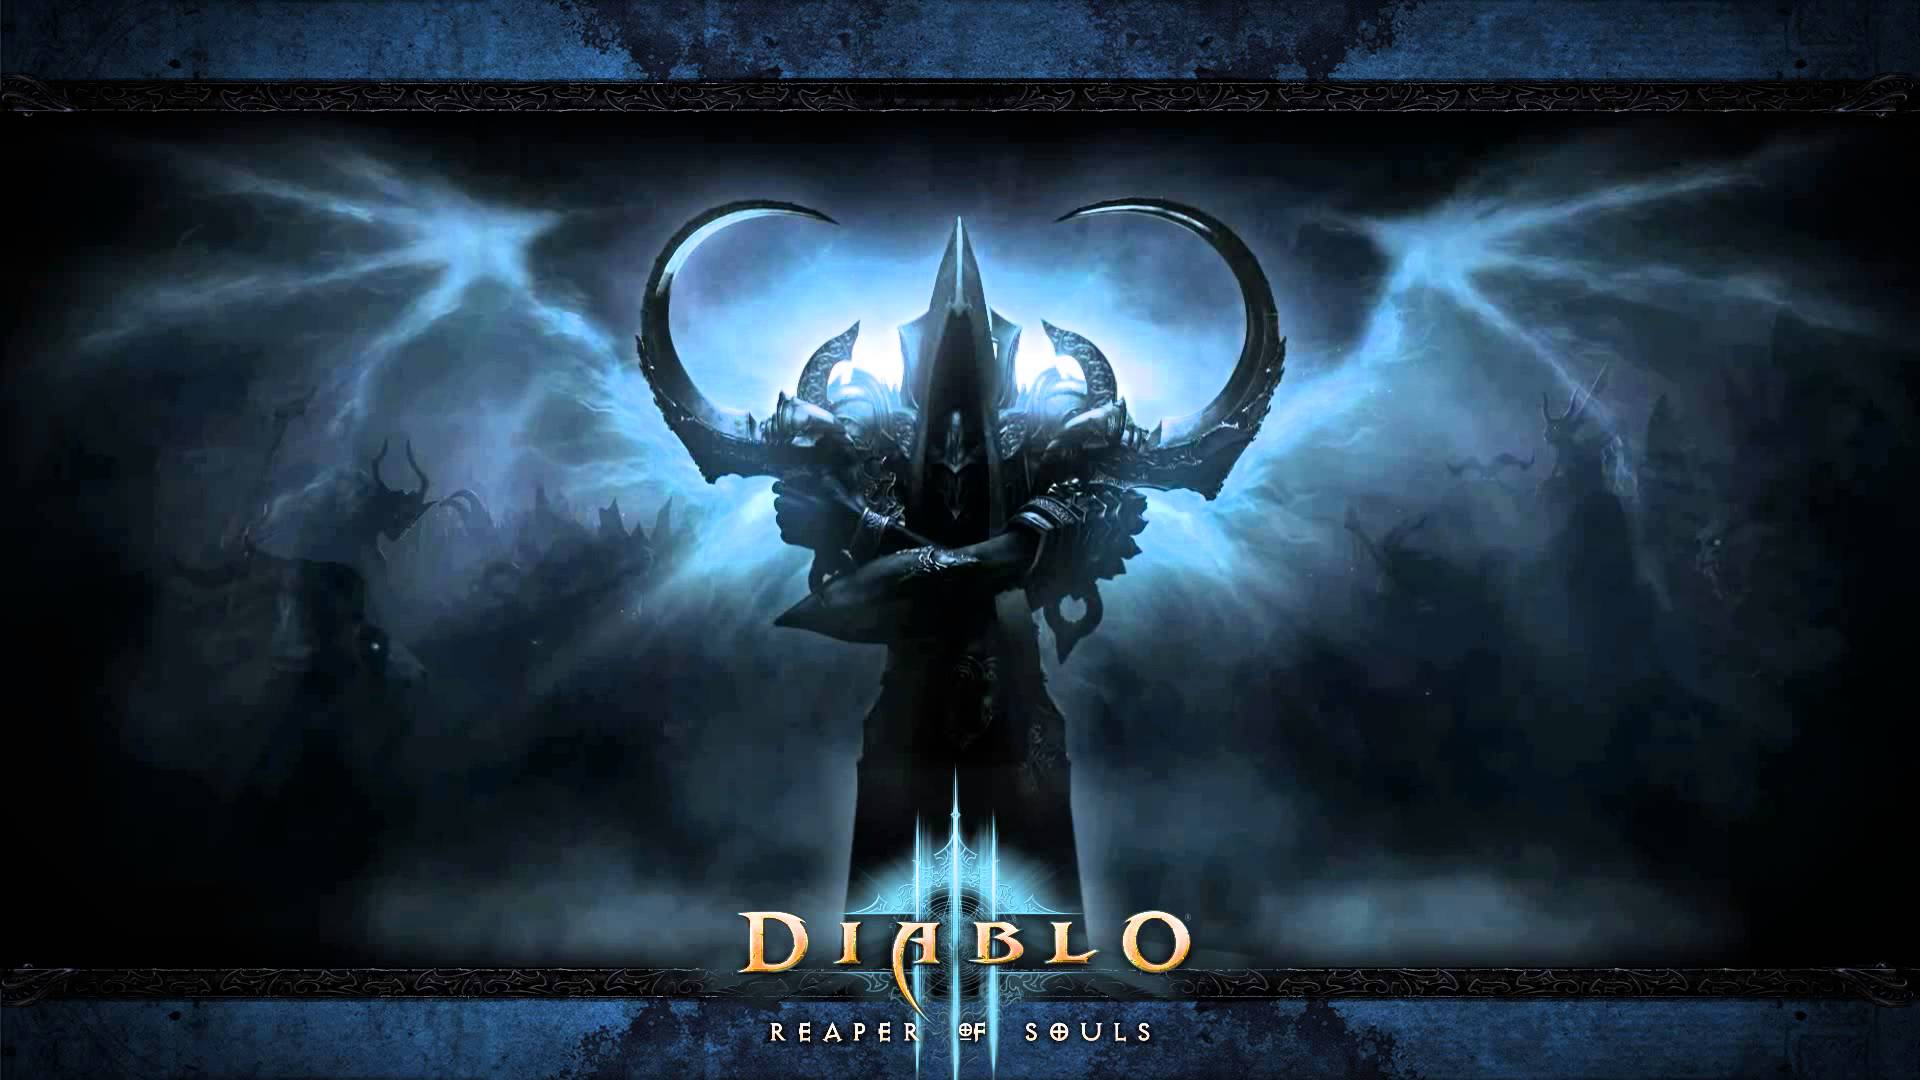 Diablo 3 Reaper of Souls Animated Wallpaper HD 1920x1080